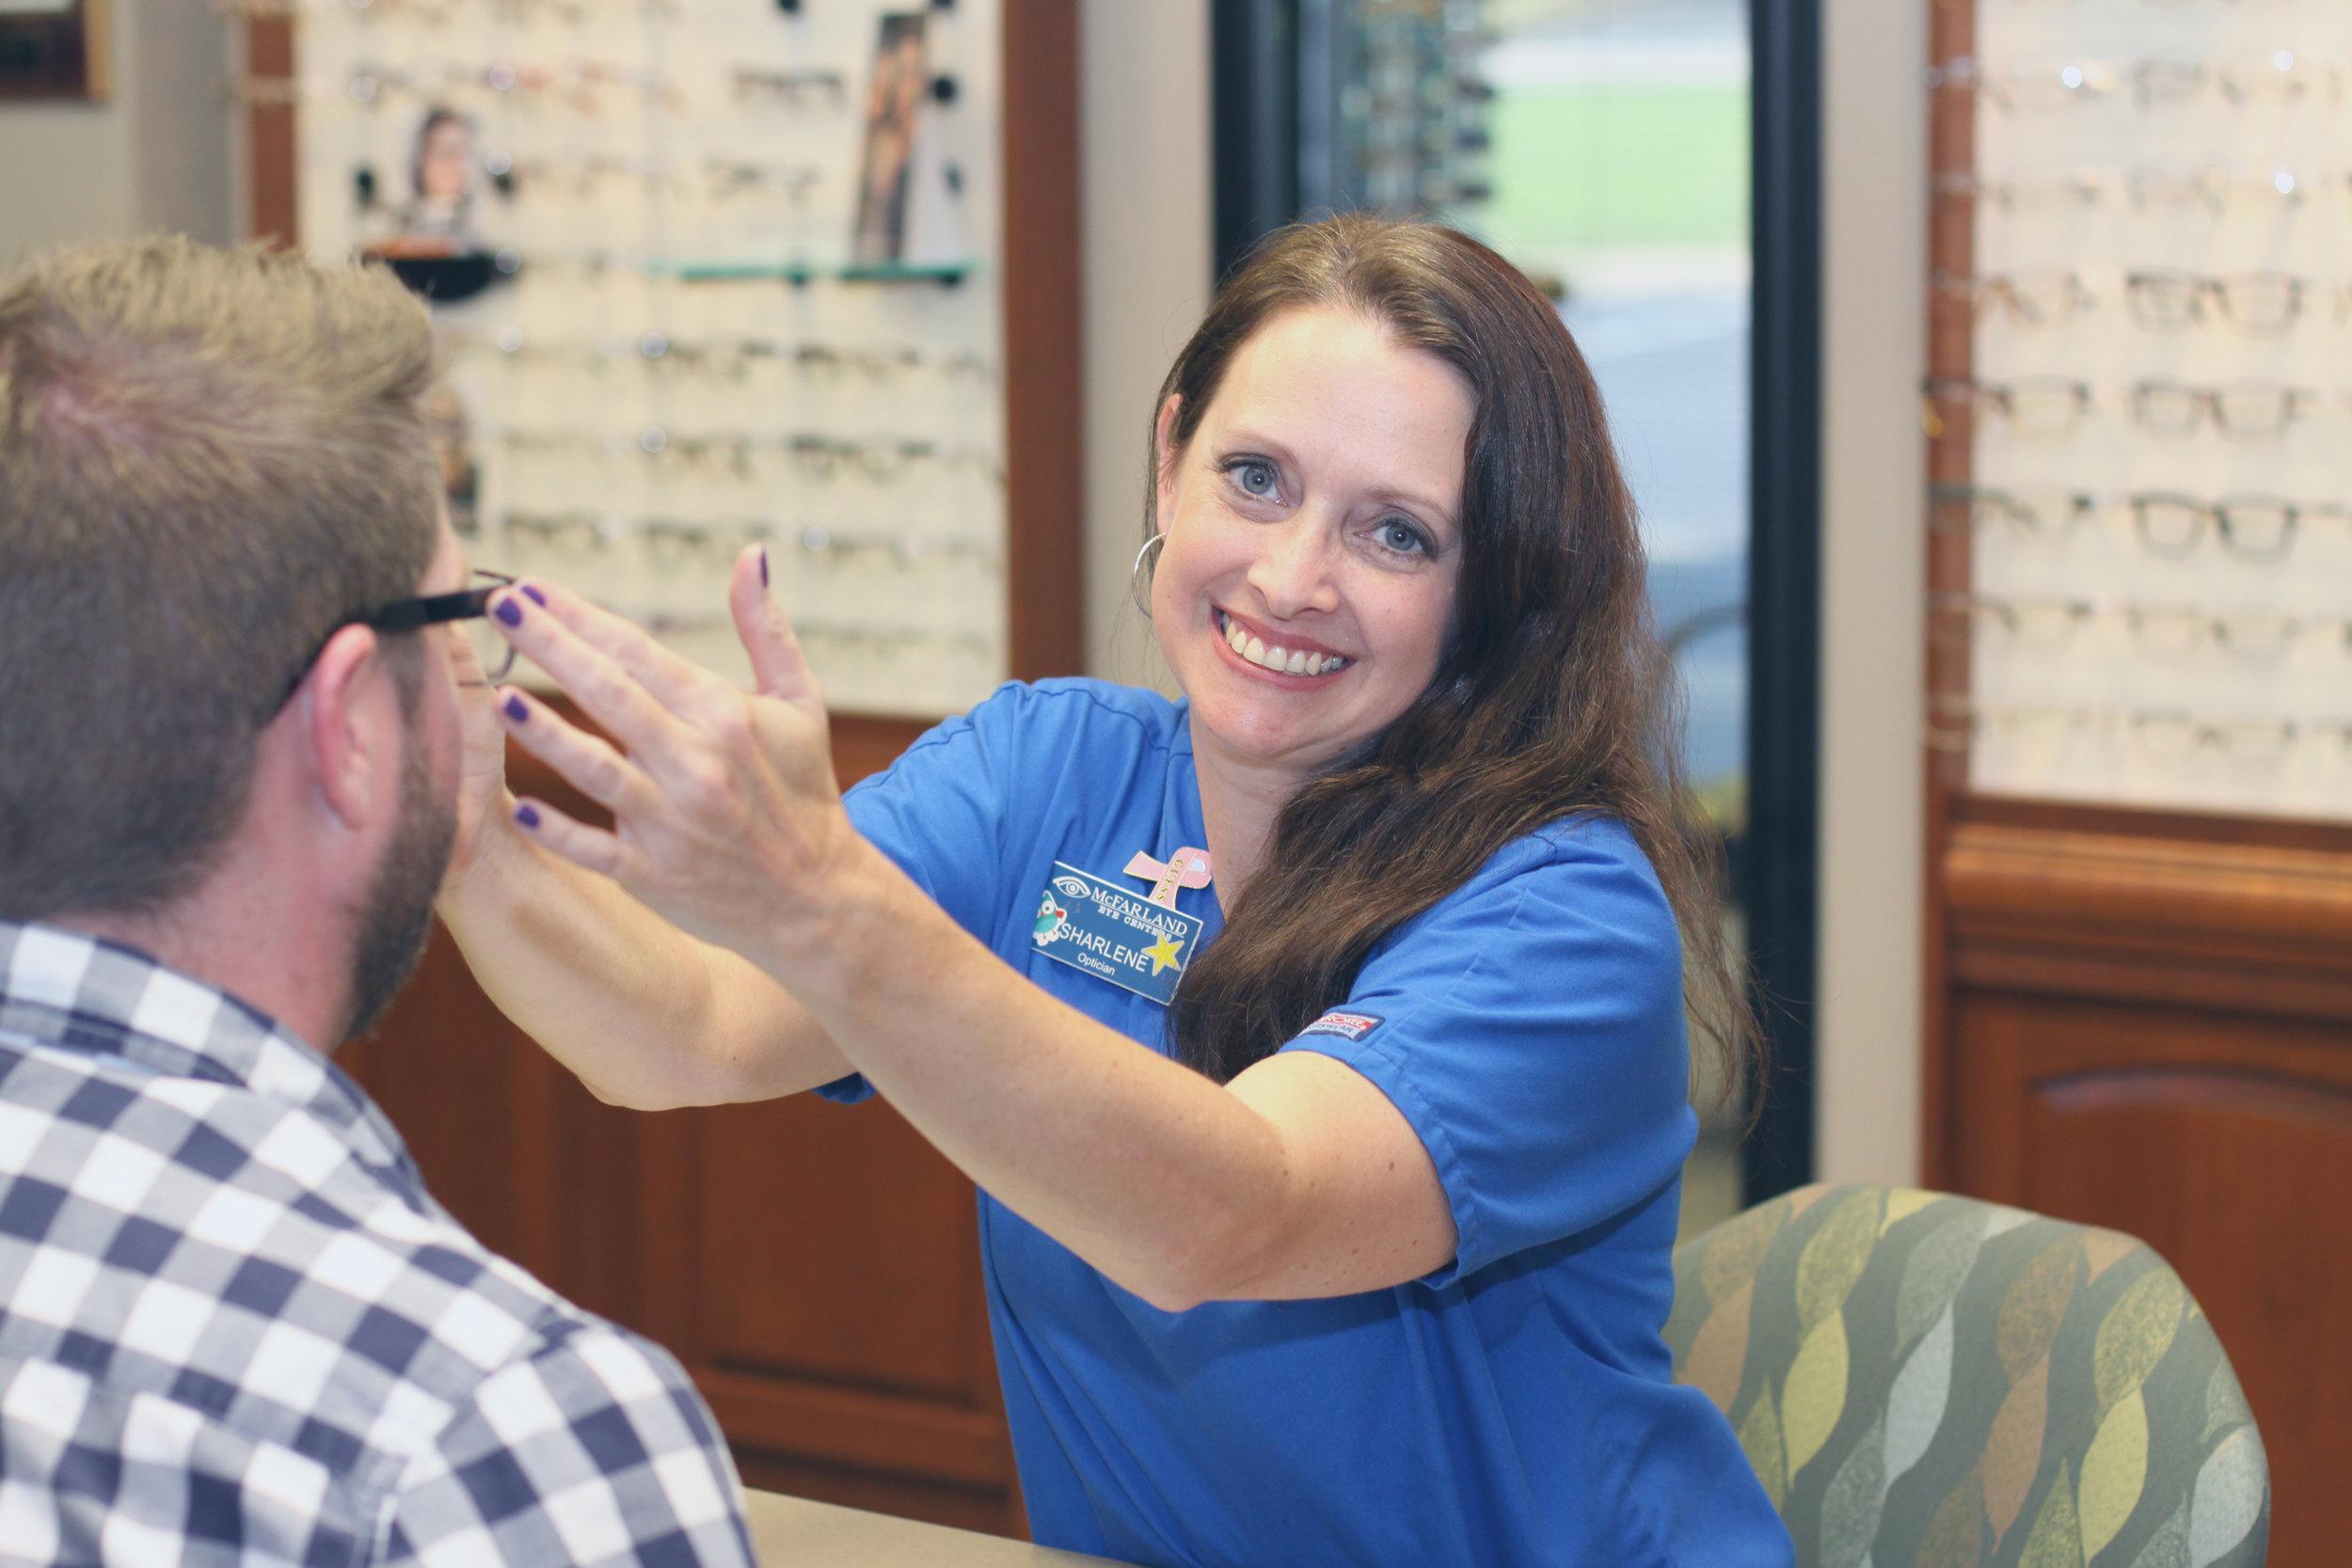 McFarland Eye Care Optical - Little Rock Optical (5).jpg